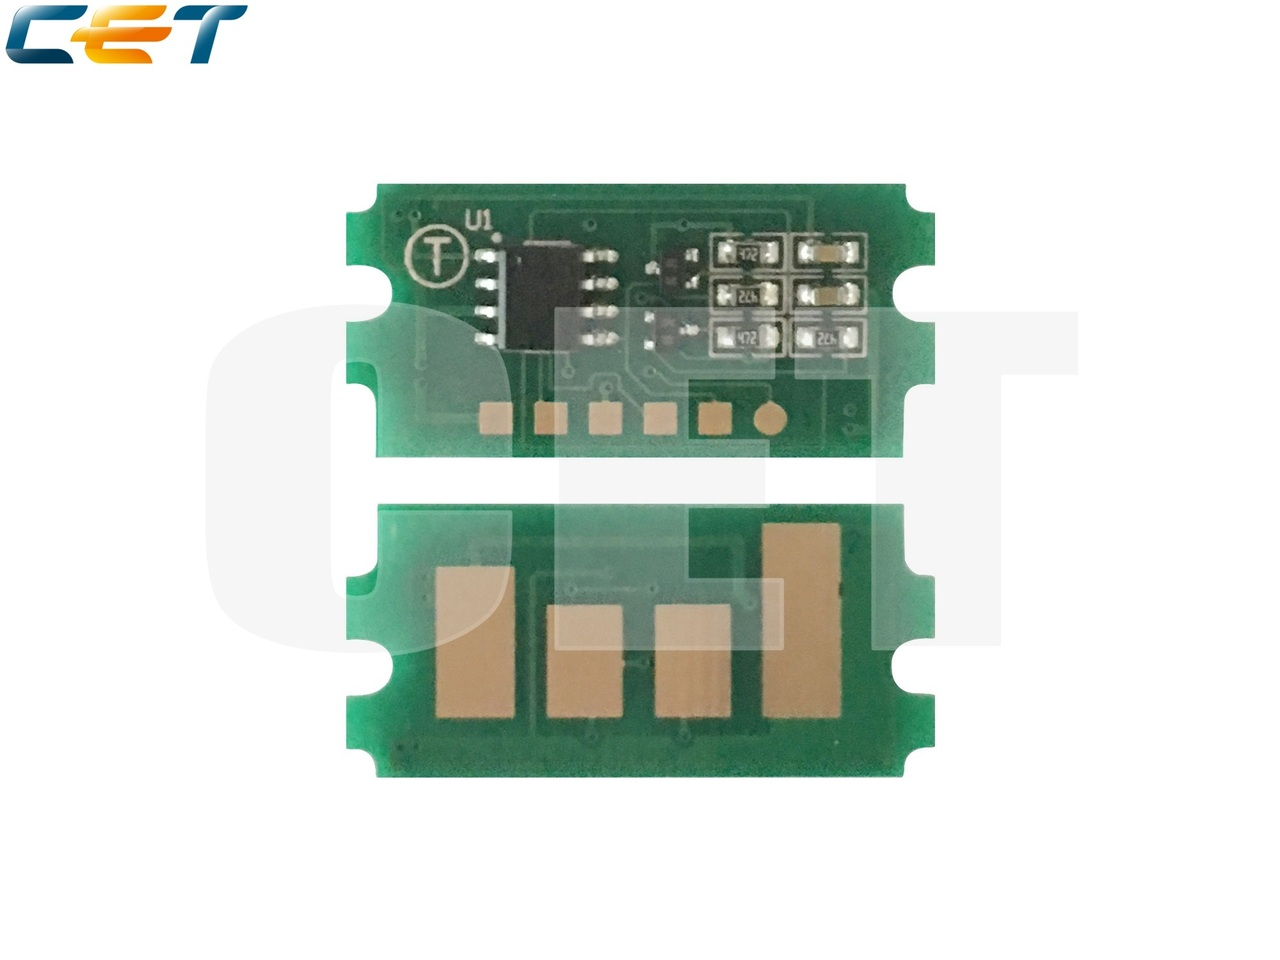 Чип картриджа TK-1110 для KYOCERAFS-1040/1020MFP/1120MFP (CET), (EUR), 2500 стр., CET8217